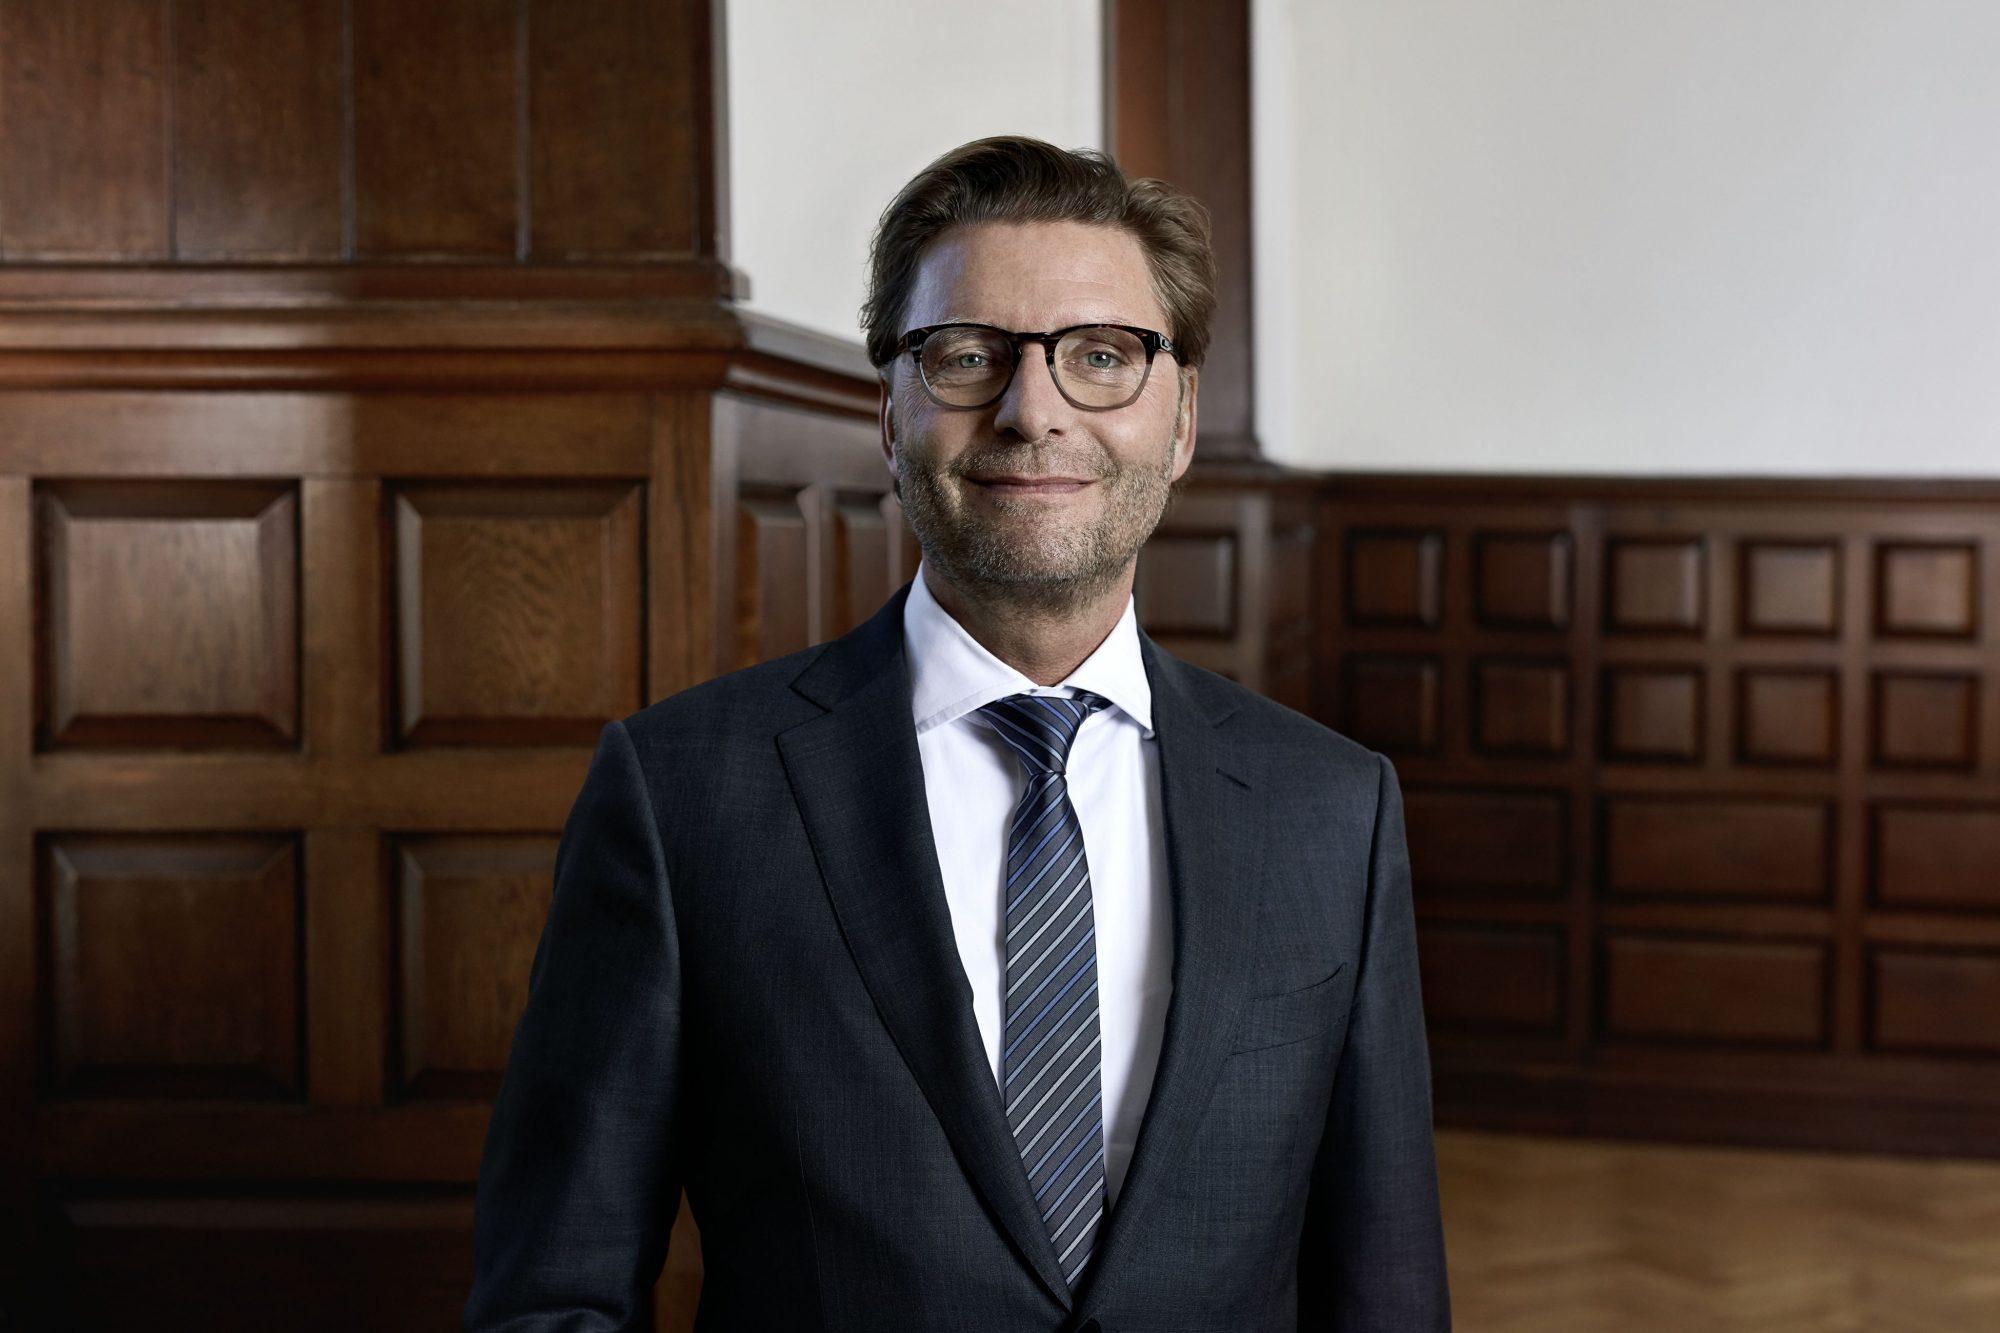 Armin Gauselmann, stellvertretender Vorstandssprecher der Gauselmann Gruppe. - Foto: Gauselmann